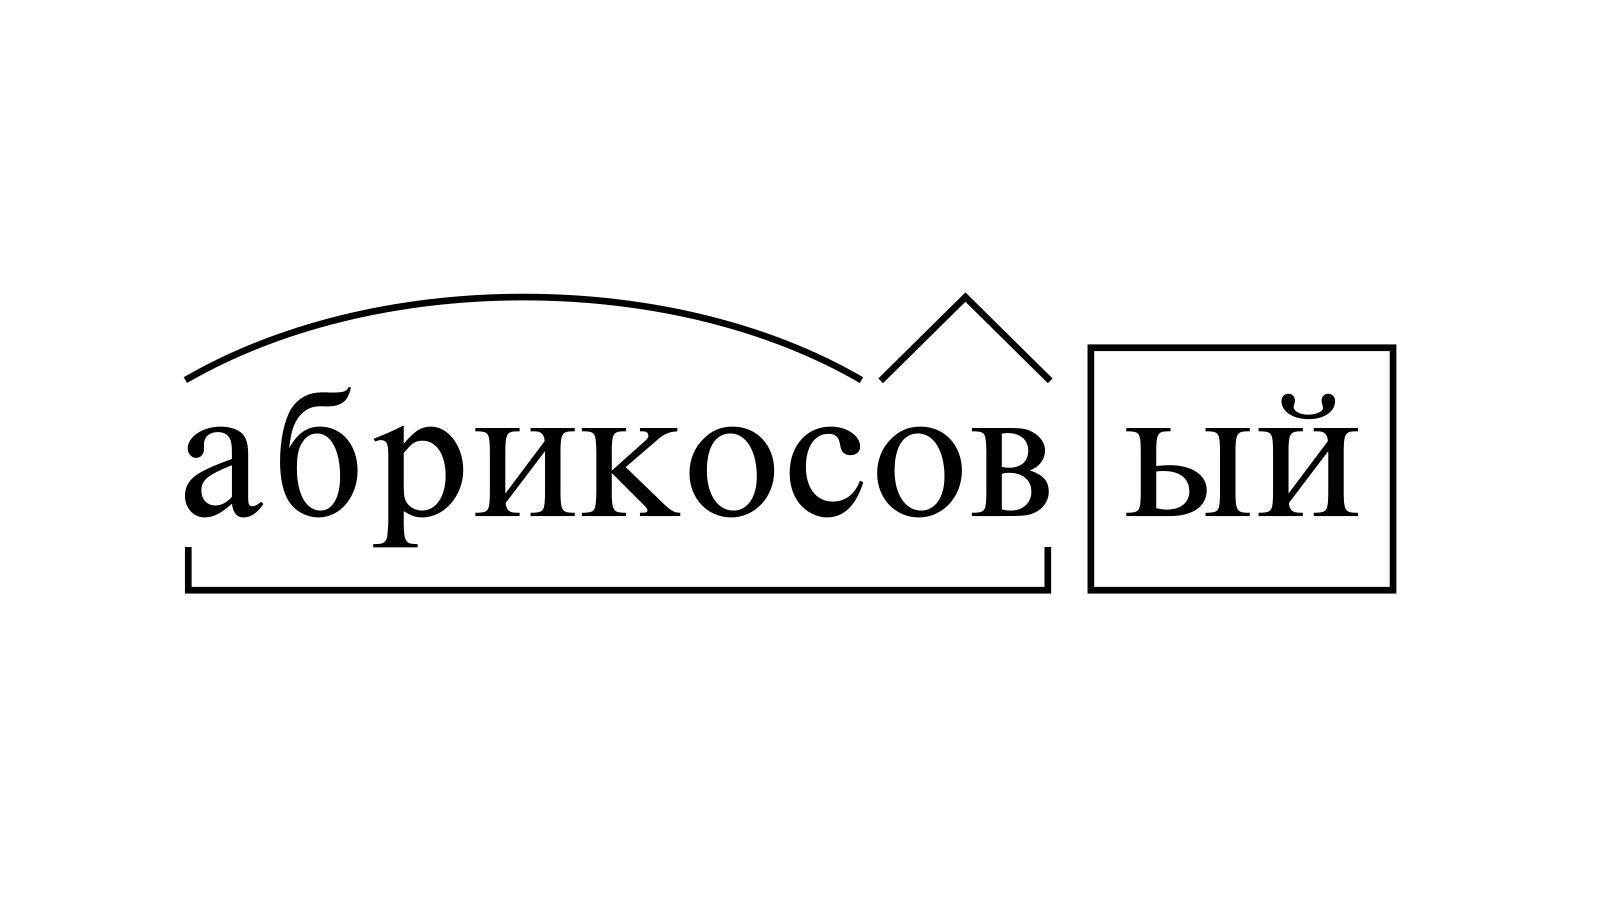 Разбор слова «абрикосовый» по составу